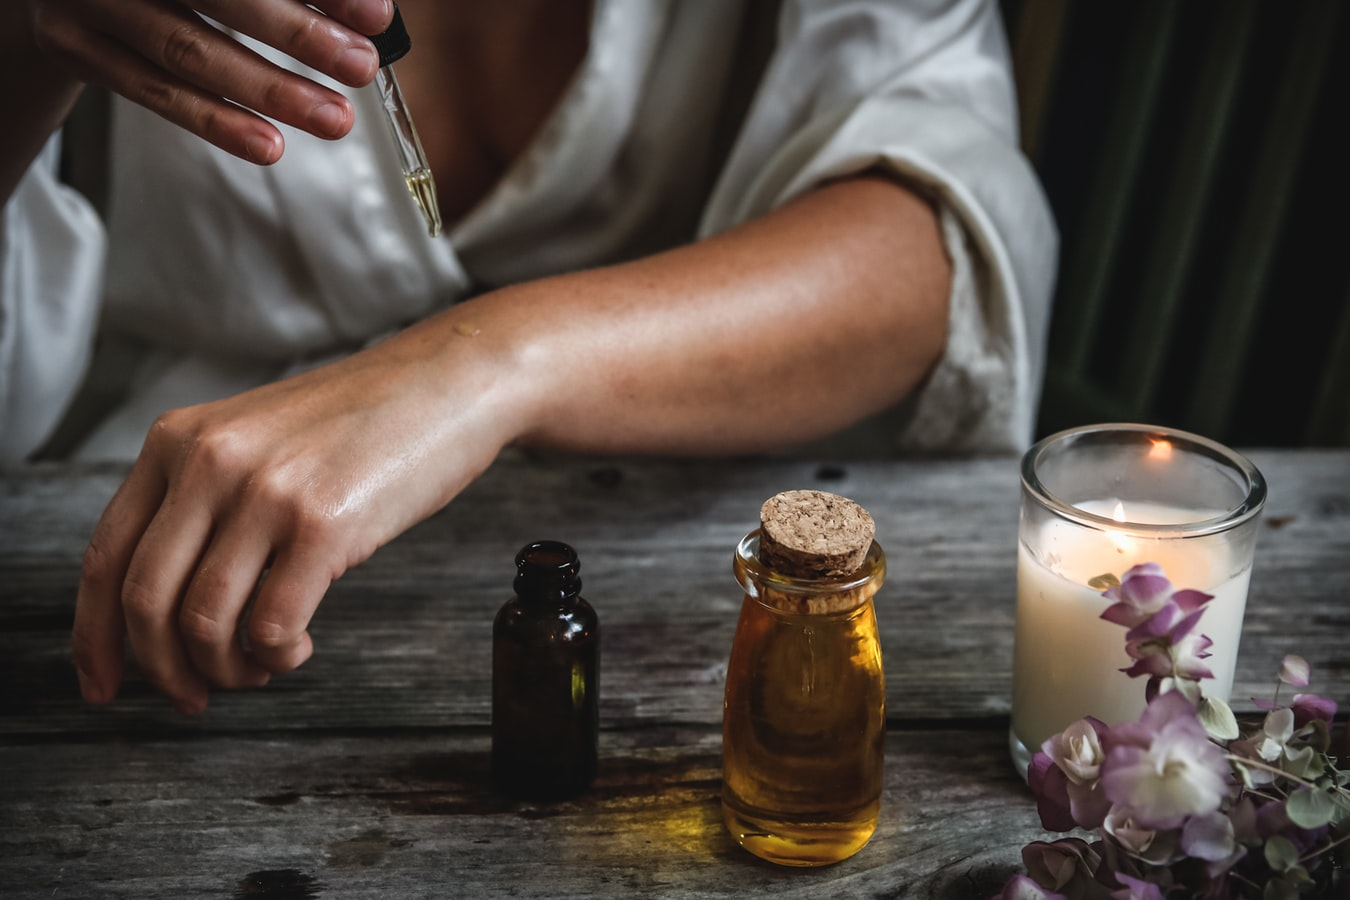 Oleje naturalne w kosmetyce - znasz ich dobroczynne właściwości?